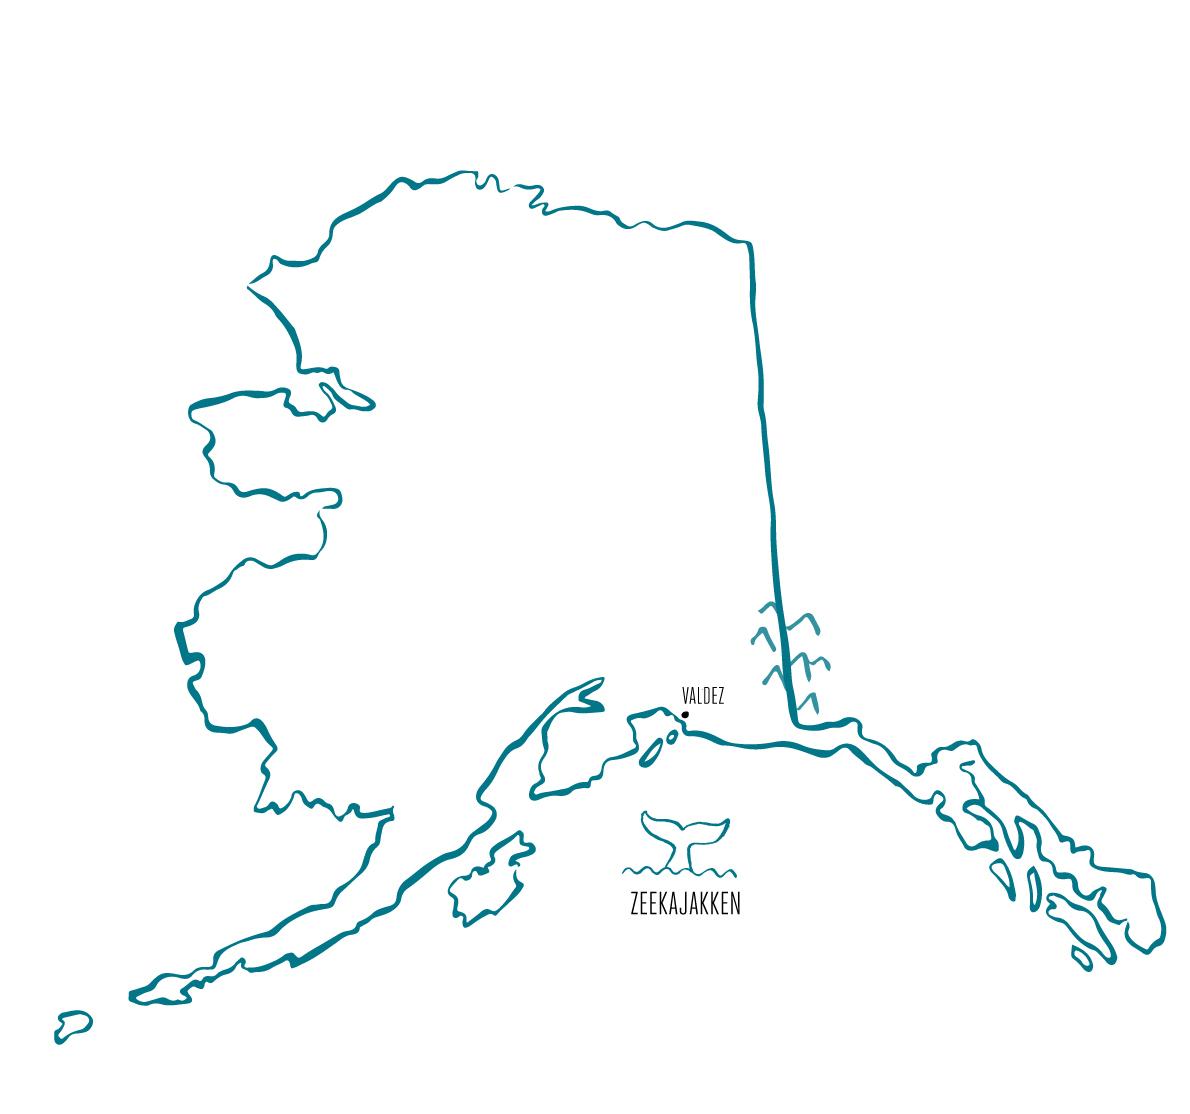 Zeekajakken Valdez